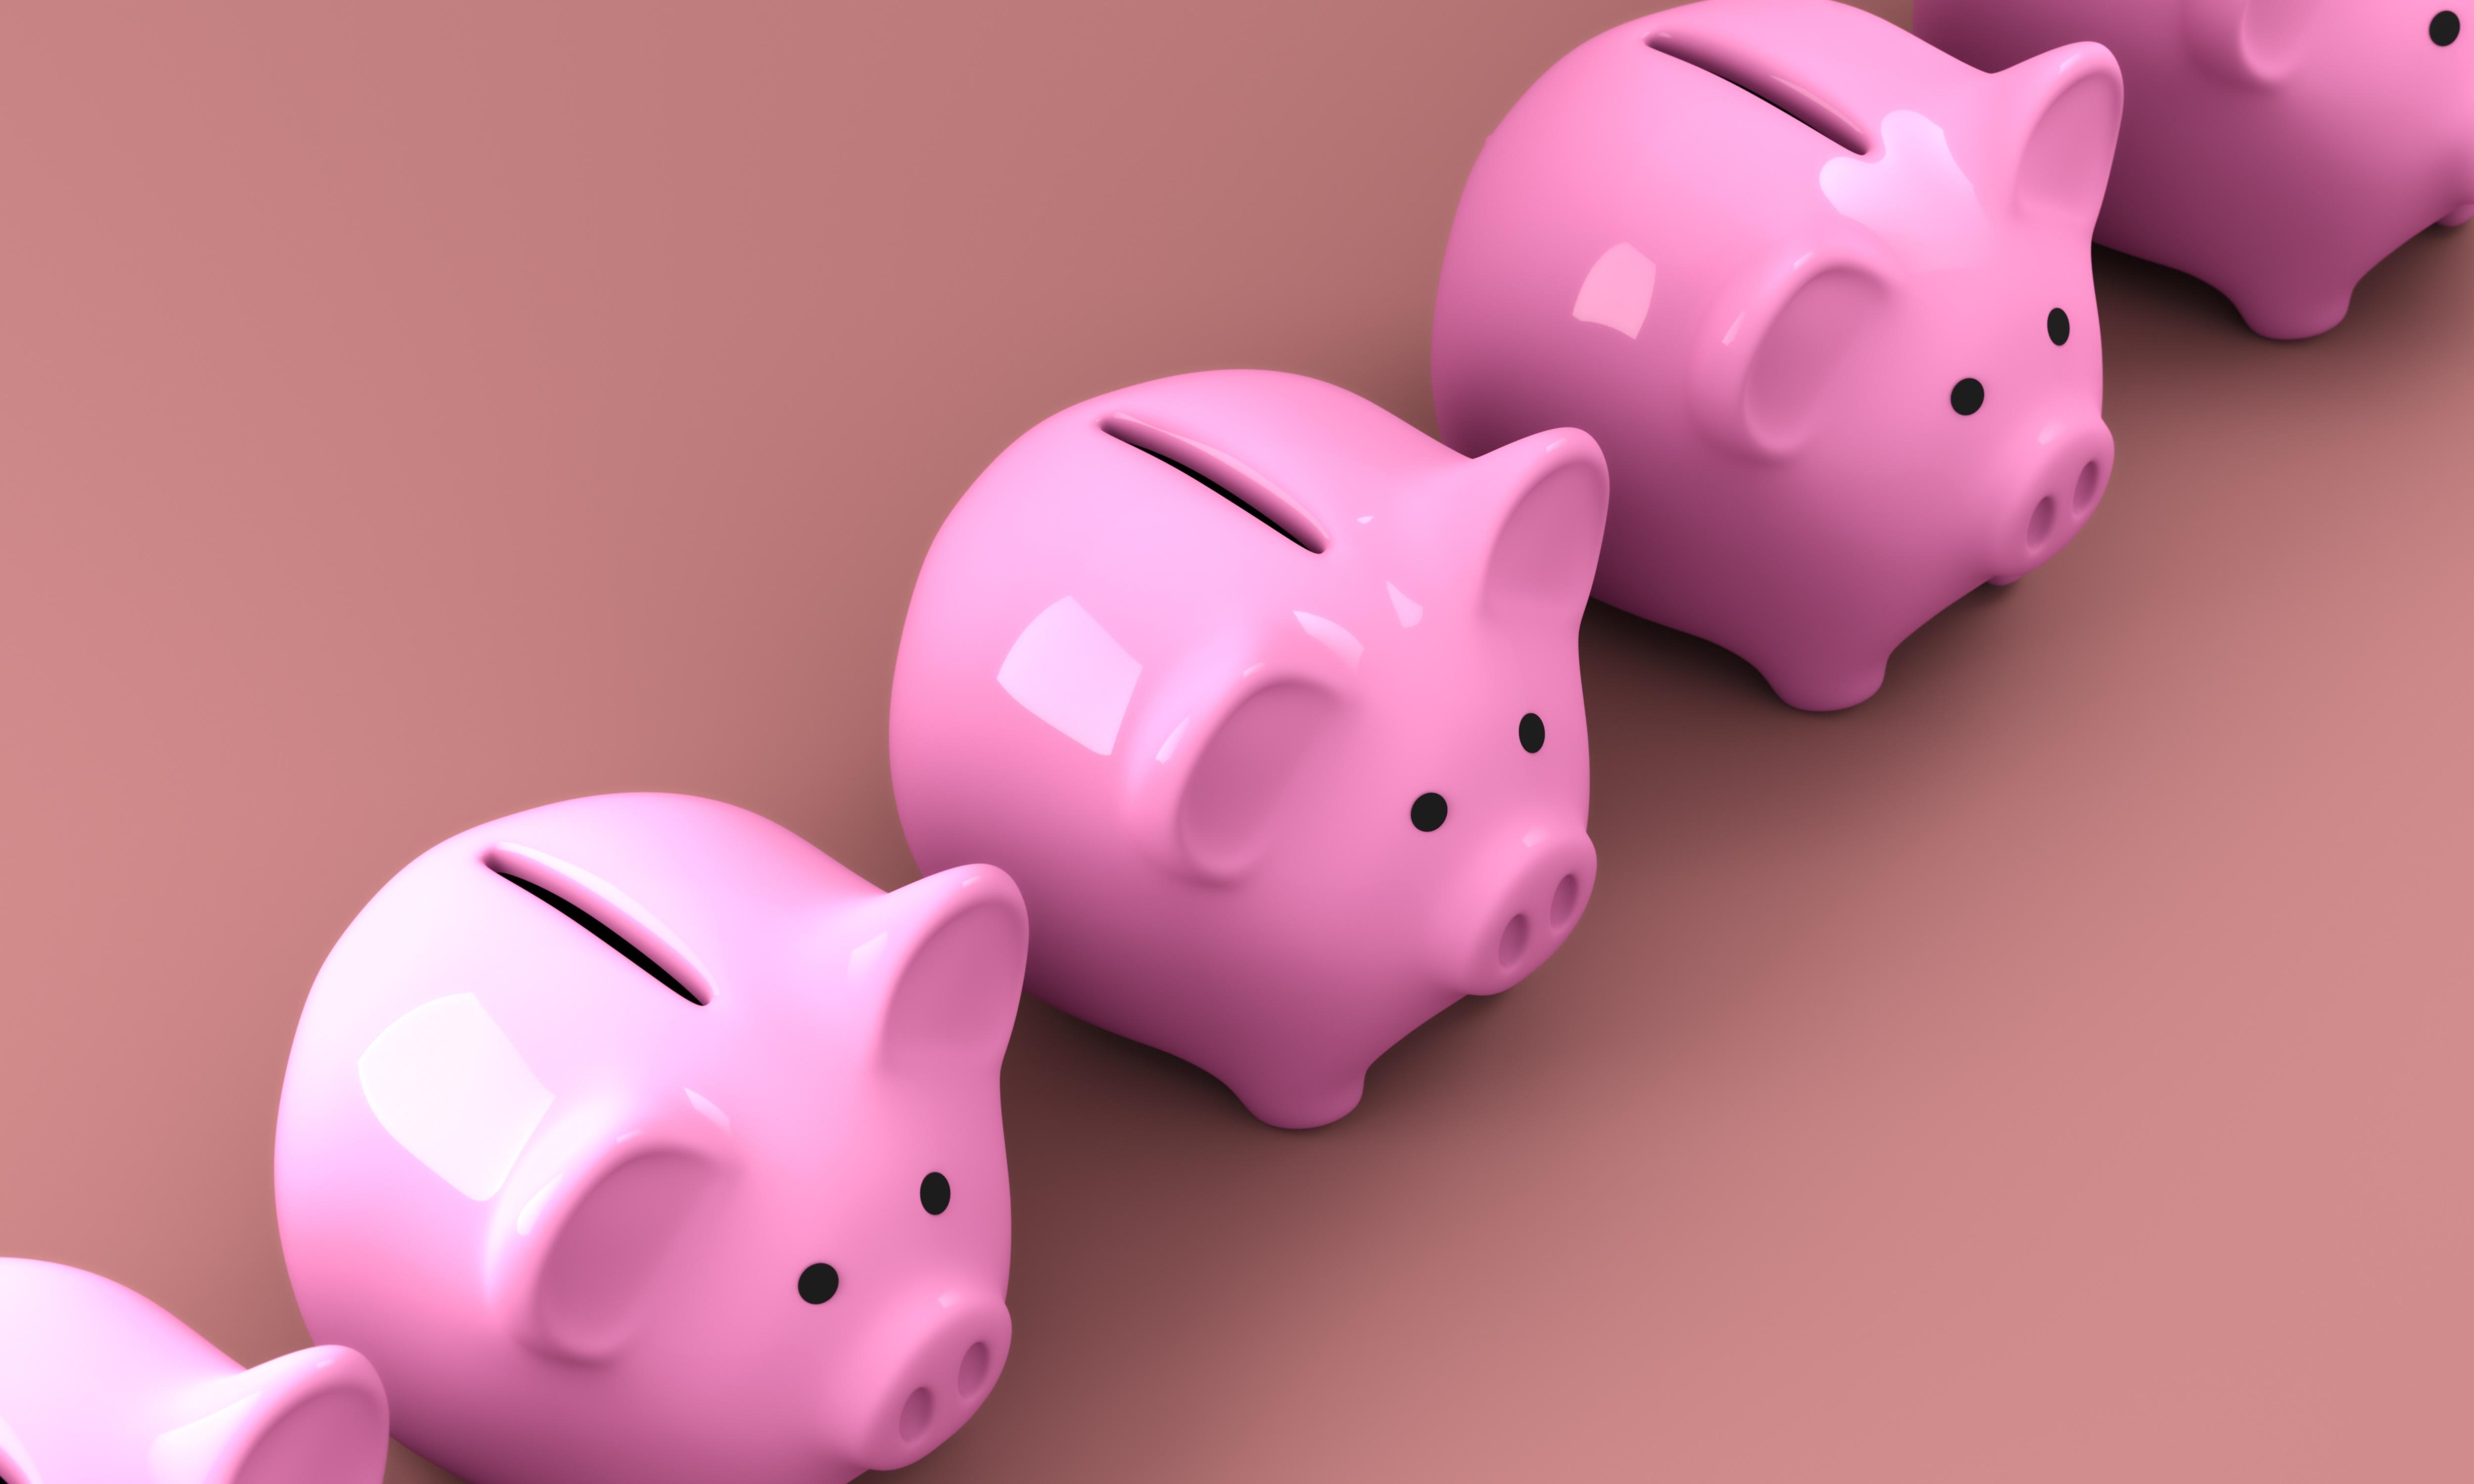 บัญชีเงินฝากประเภทเงินฝากไม่ประจำ-เงินฝากTMB-imoney